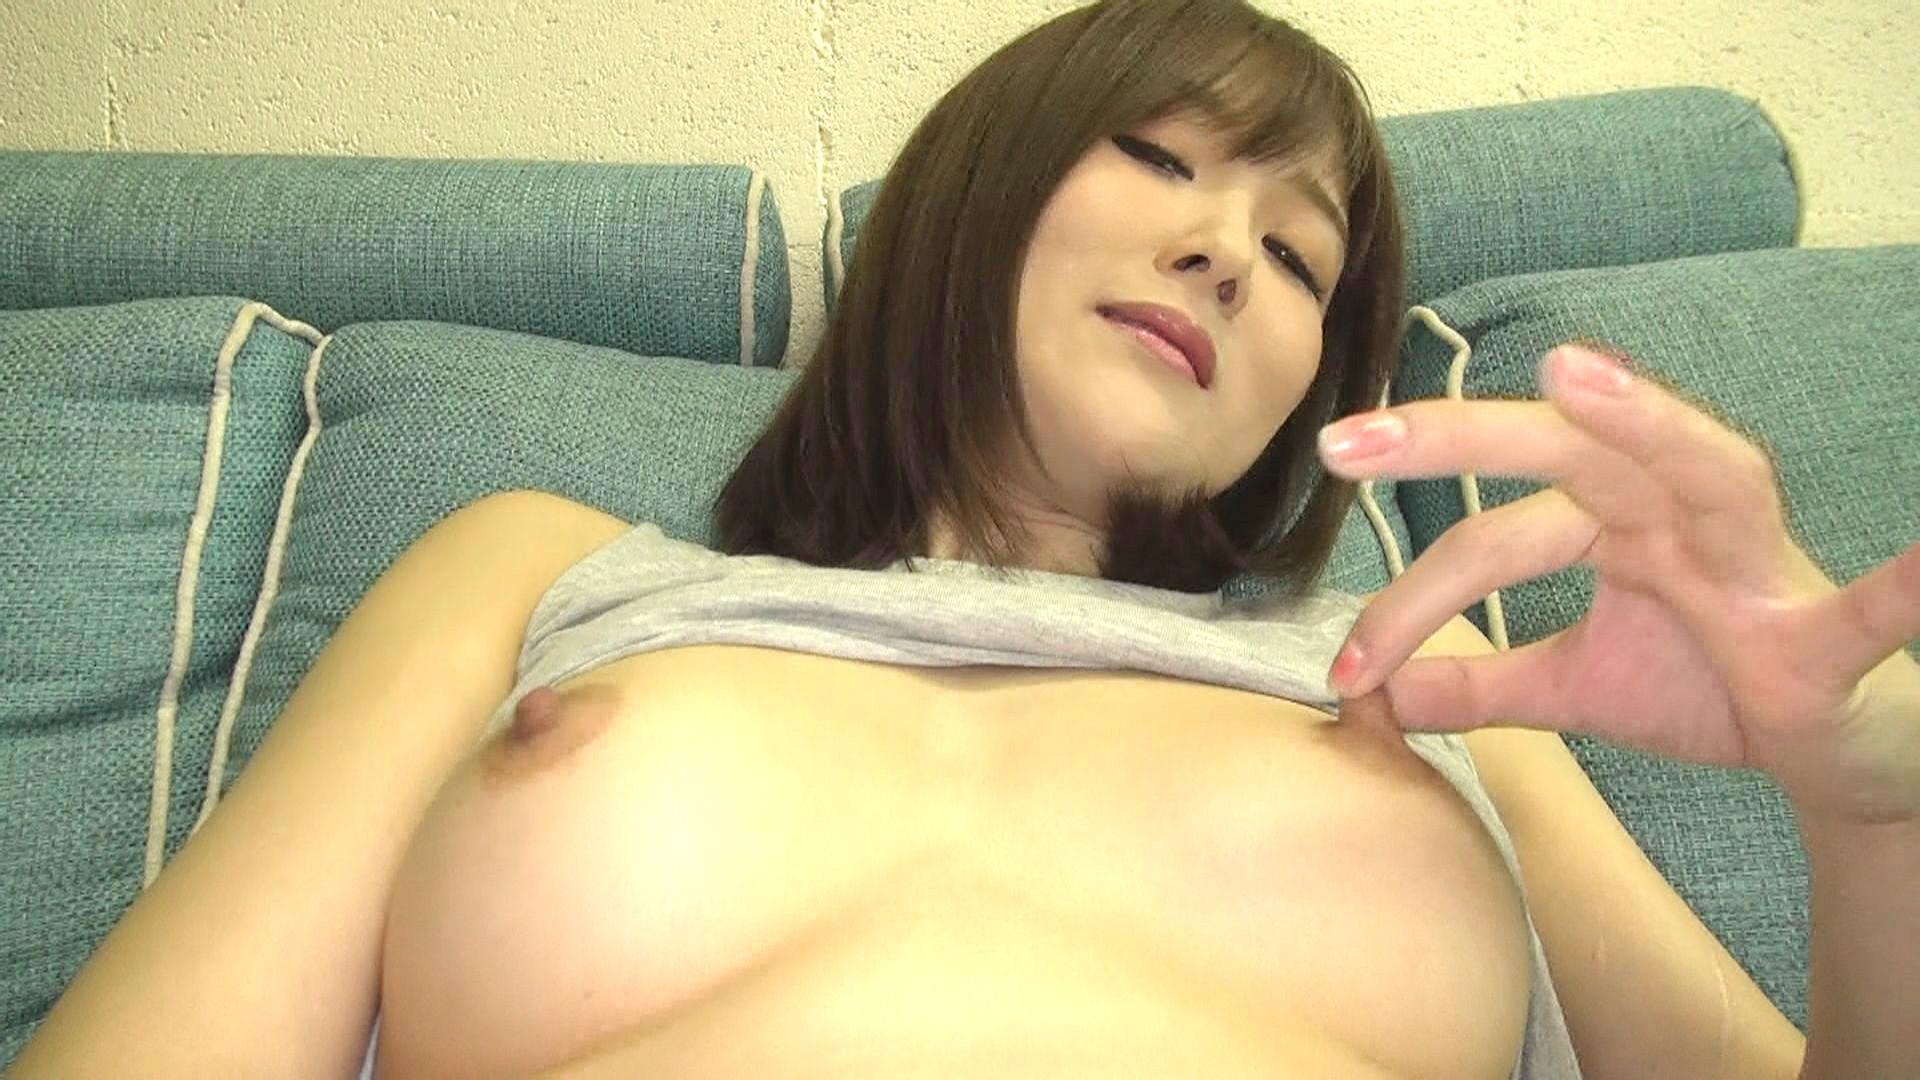 えっちな巨乳お姉さんの淫語かたりかけぐちゅぐちゅ乳首イジリっ放しオナニー 5 画像7